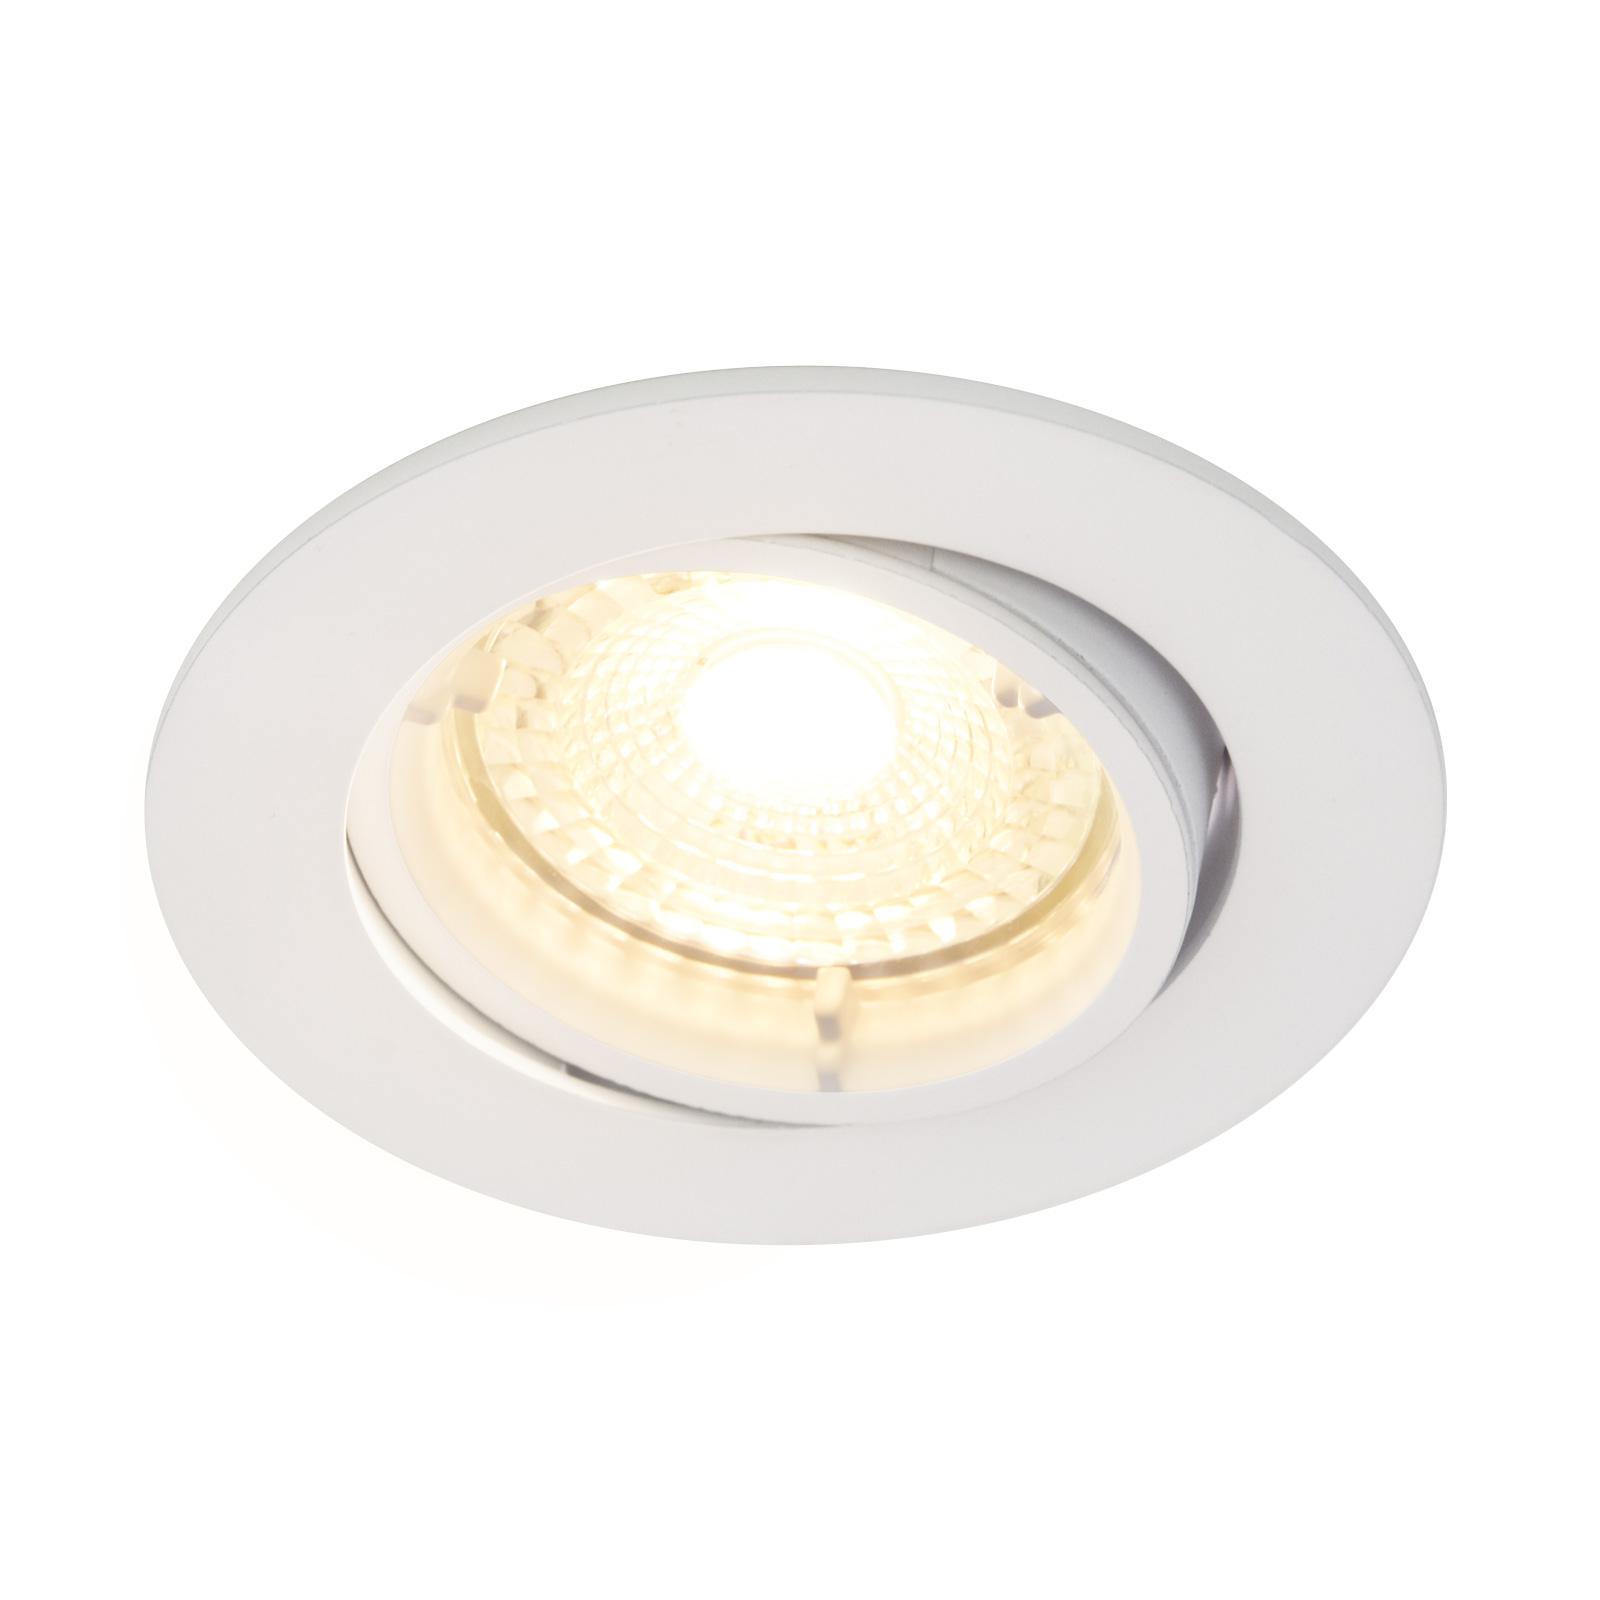 Carina-LED-kohdevalo, 2700K dim tilt, valkoinen